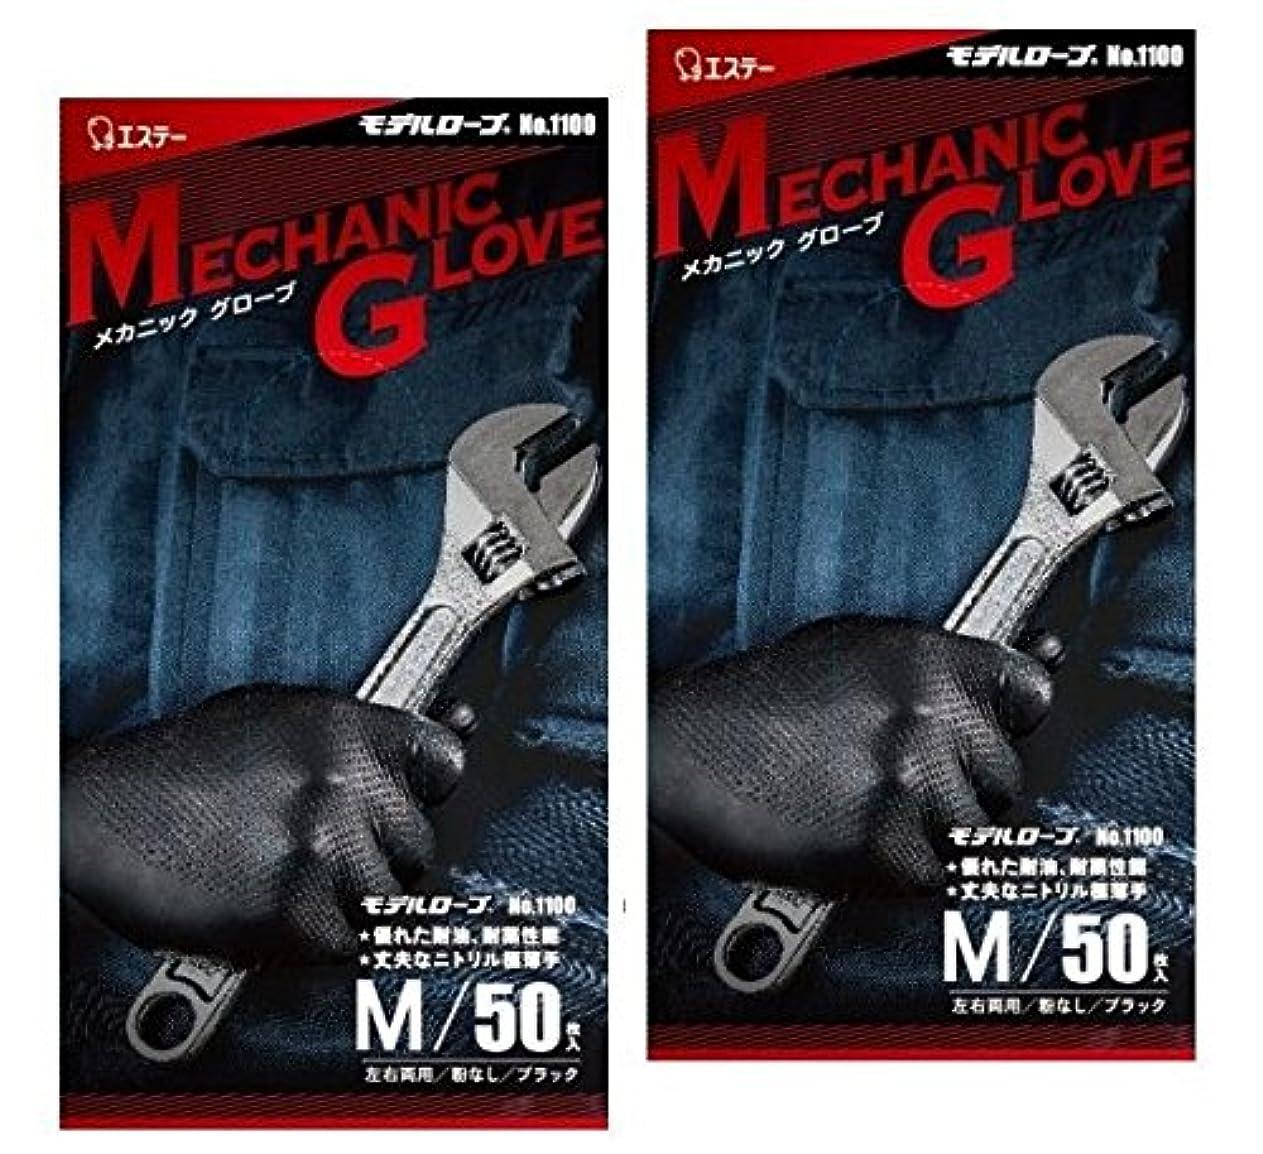 誠実さファランクス意味【2箱組】モデルローブ No.1100 メカニックグローブ Mサイズ ブラック 50枚